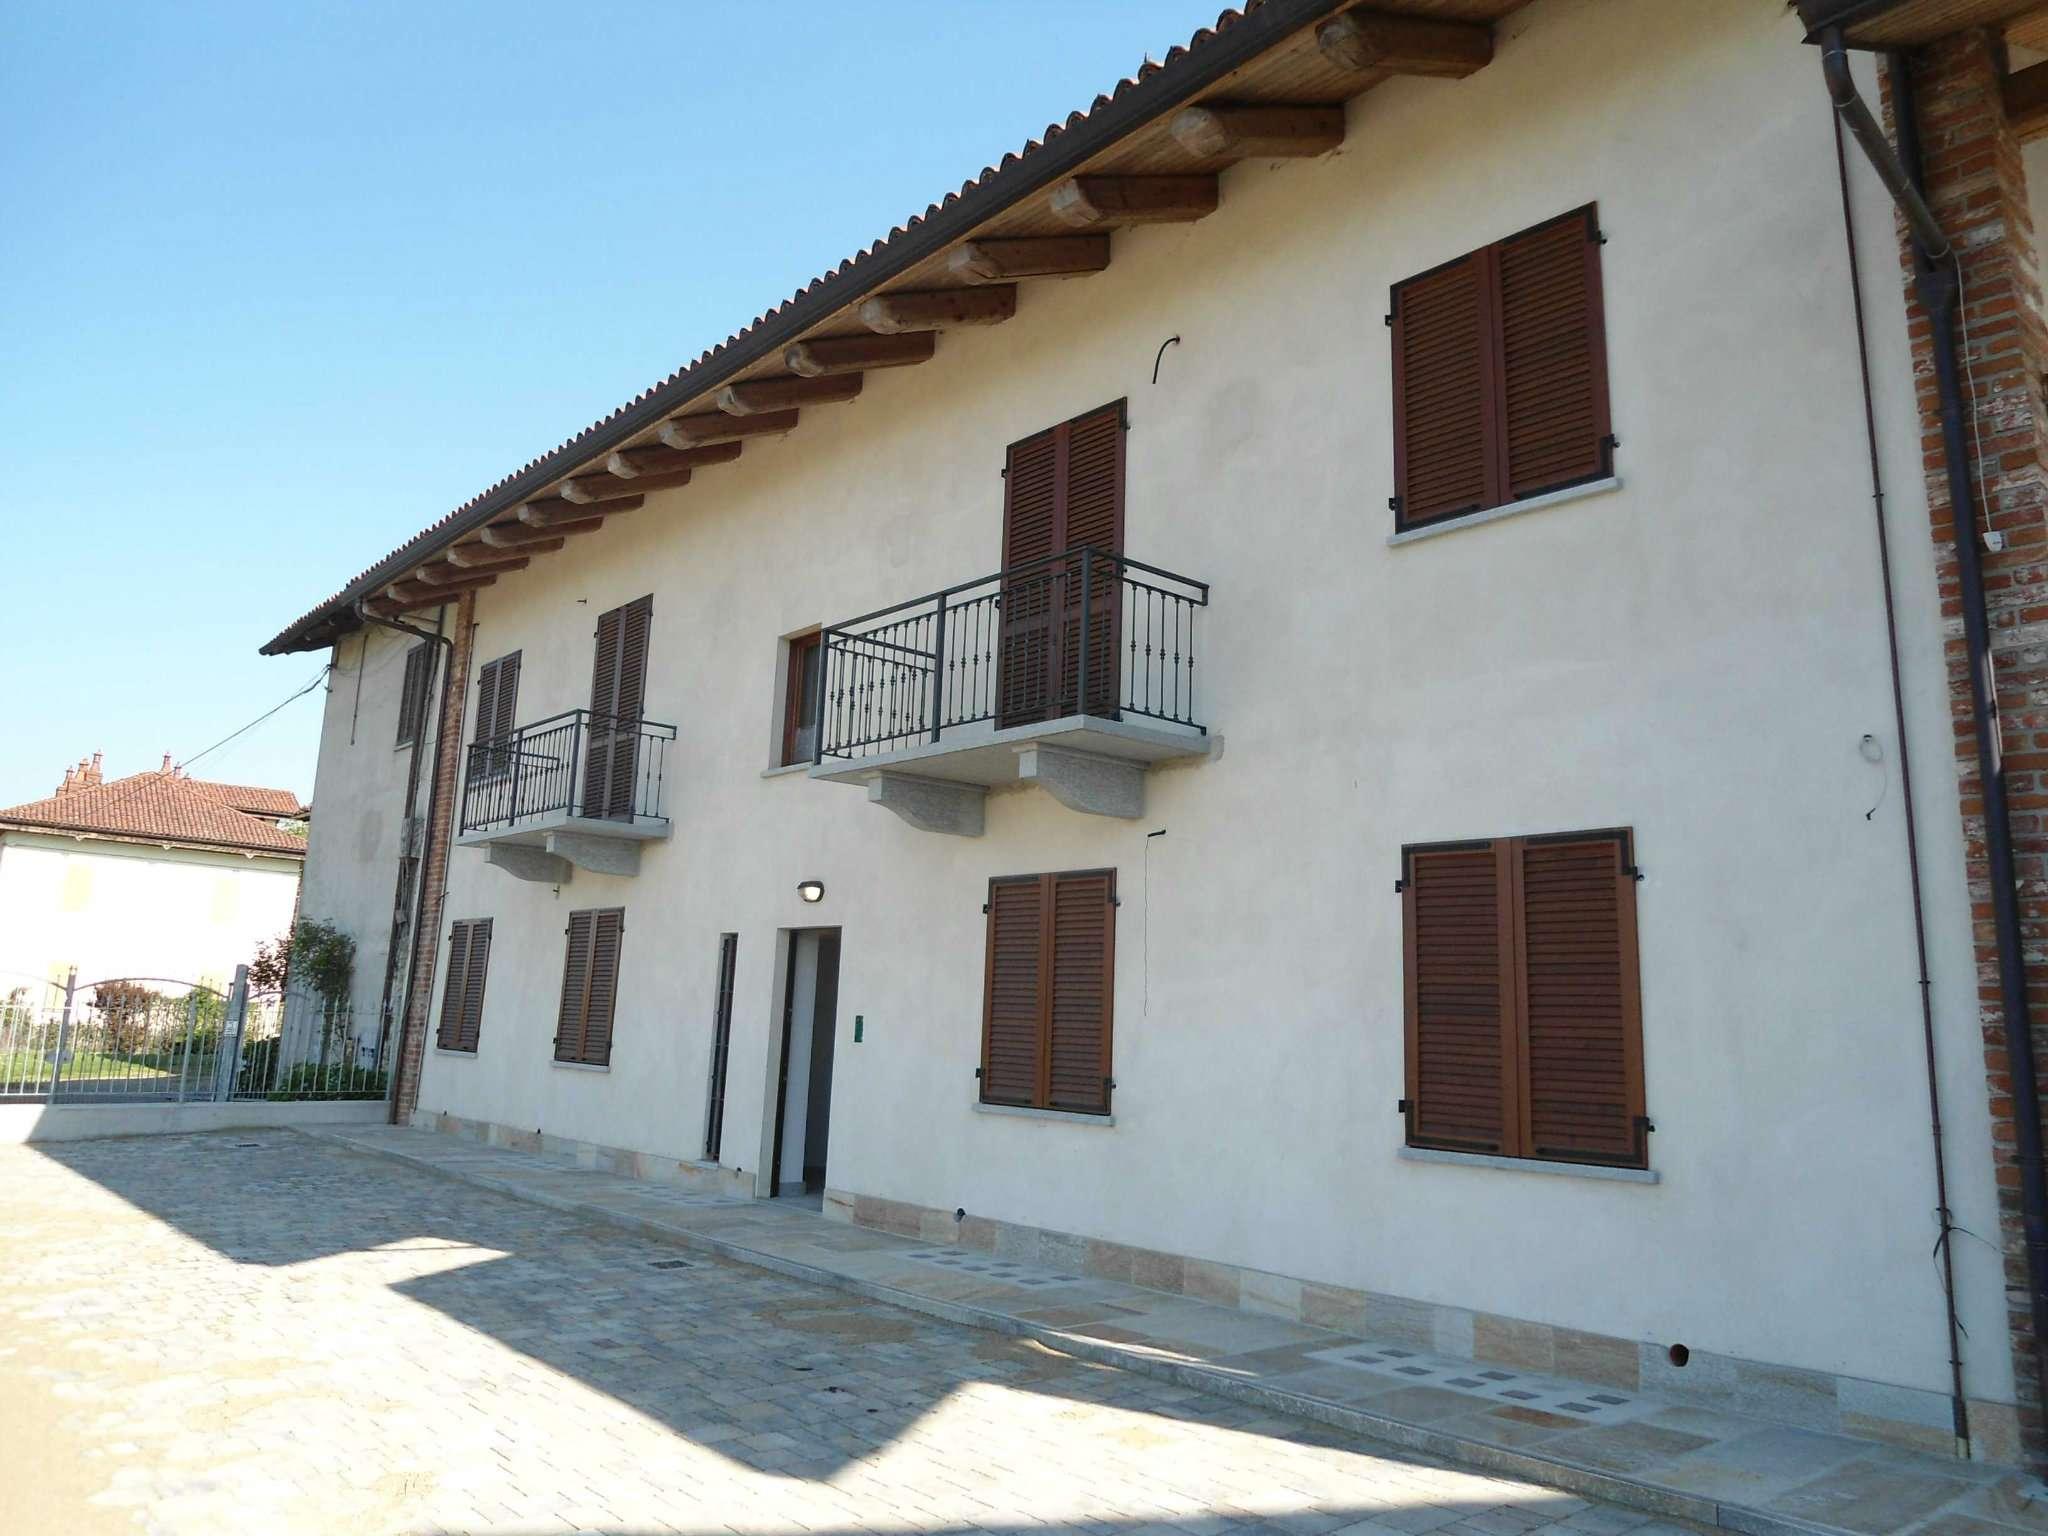 Appartamento in affitto a Dusino San Michele, 4 locali, prezzo € 470 | CambioCasa.it